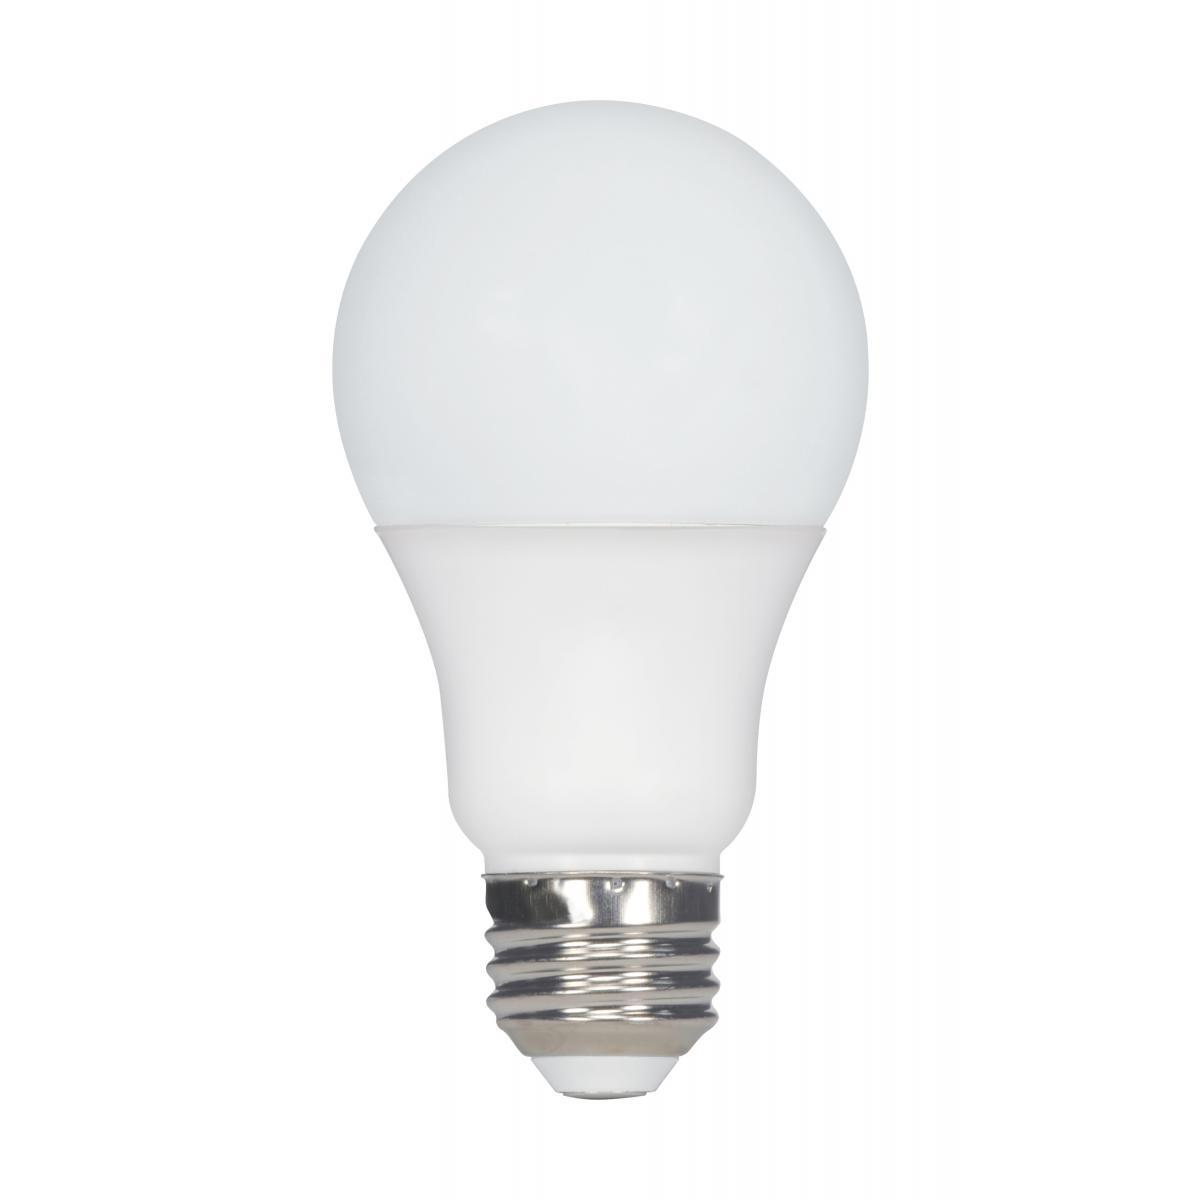 S11407 9.8A19/LED/30K/120V/ECO/ND